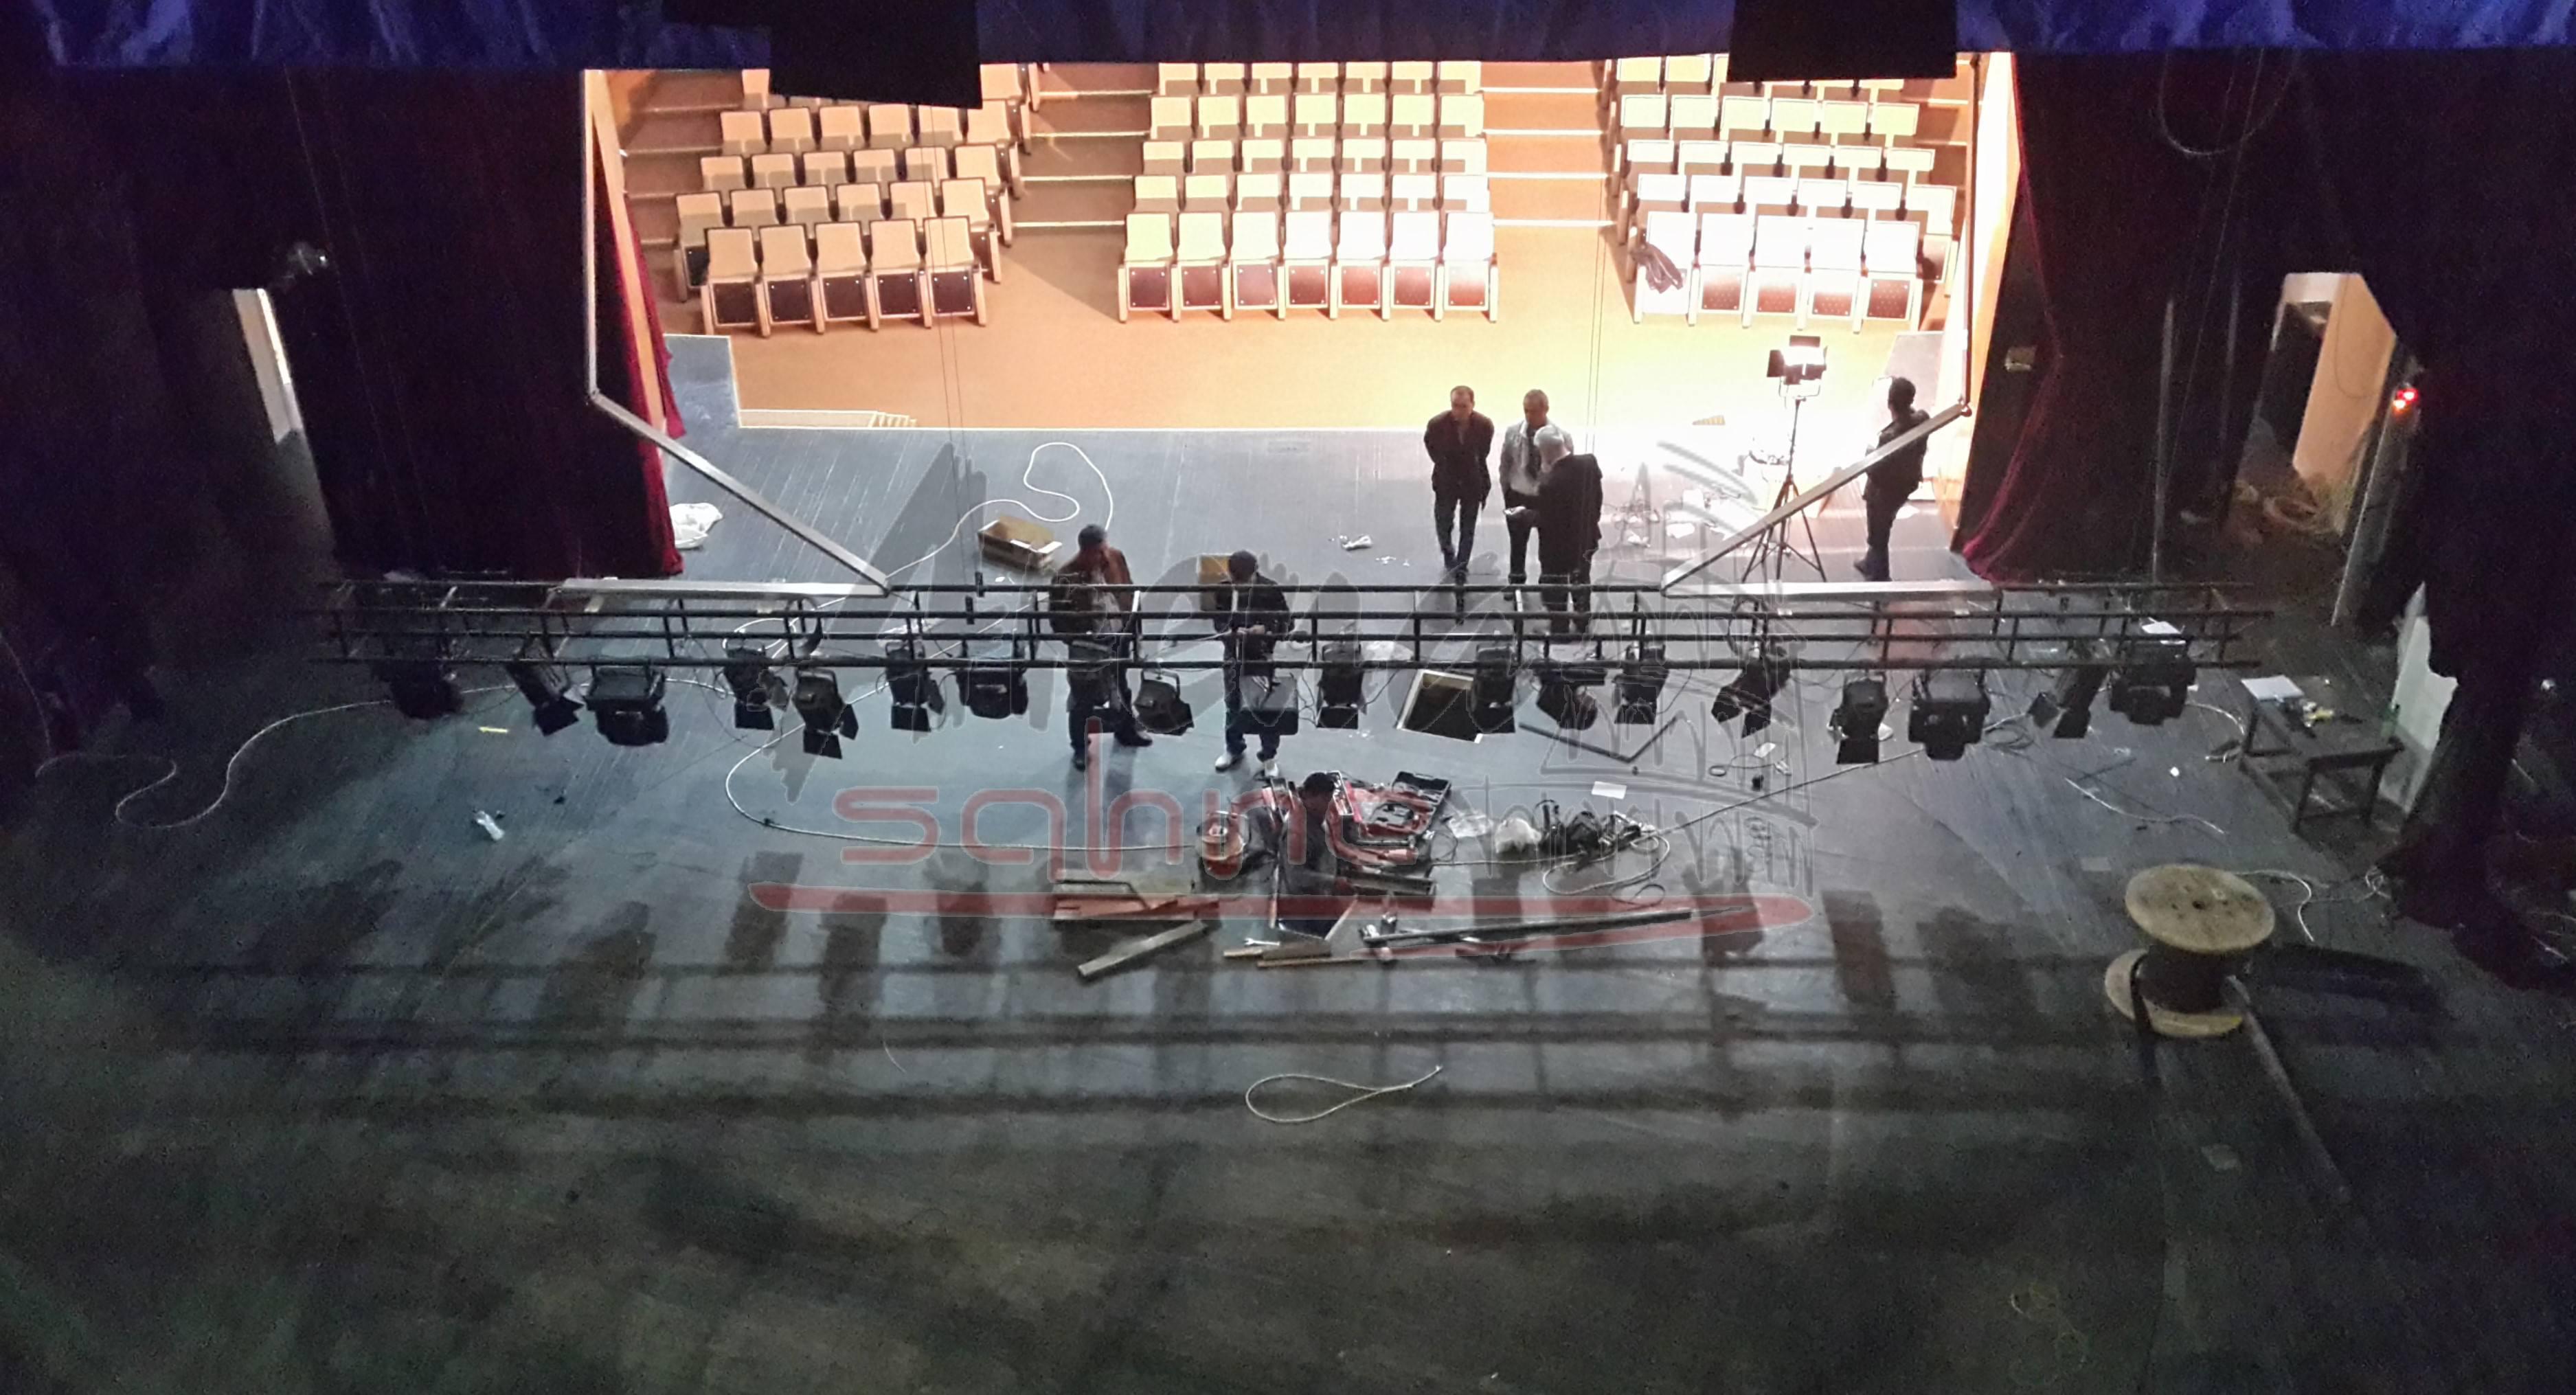 Sheki-Drama-Tiyatro-Azerbaycan-Tiyatro-Doner-Sahne-Dekor-İsik-Askilari-Arena-Sahne-Mekanik